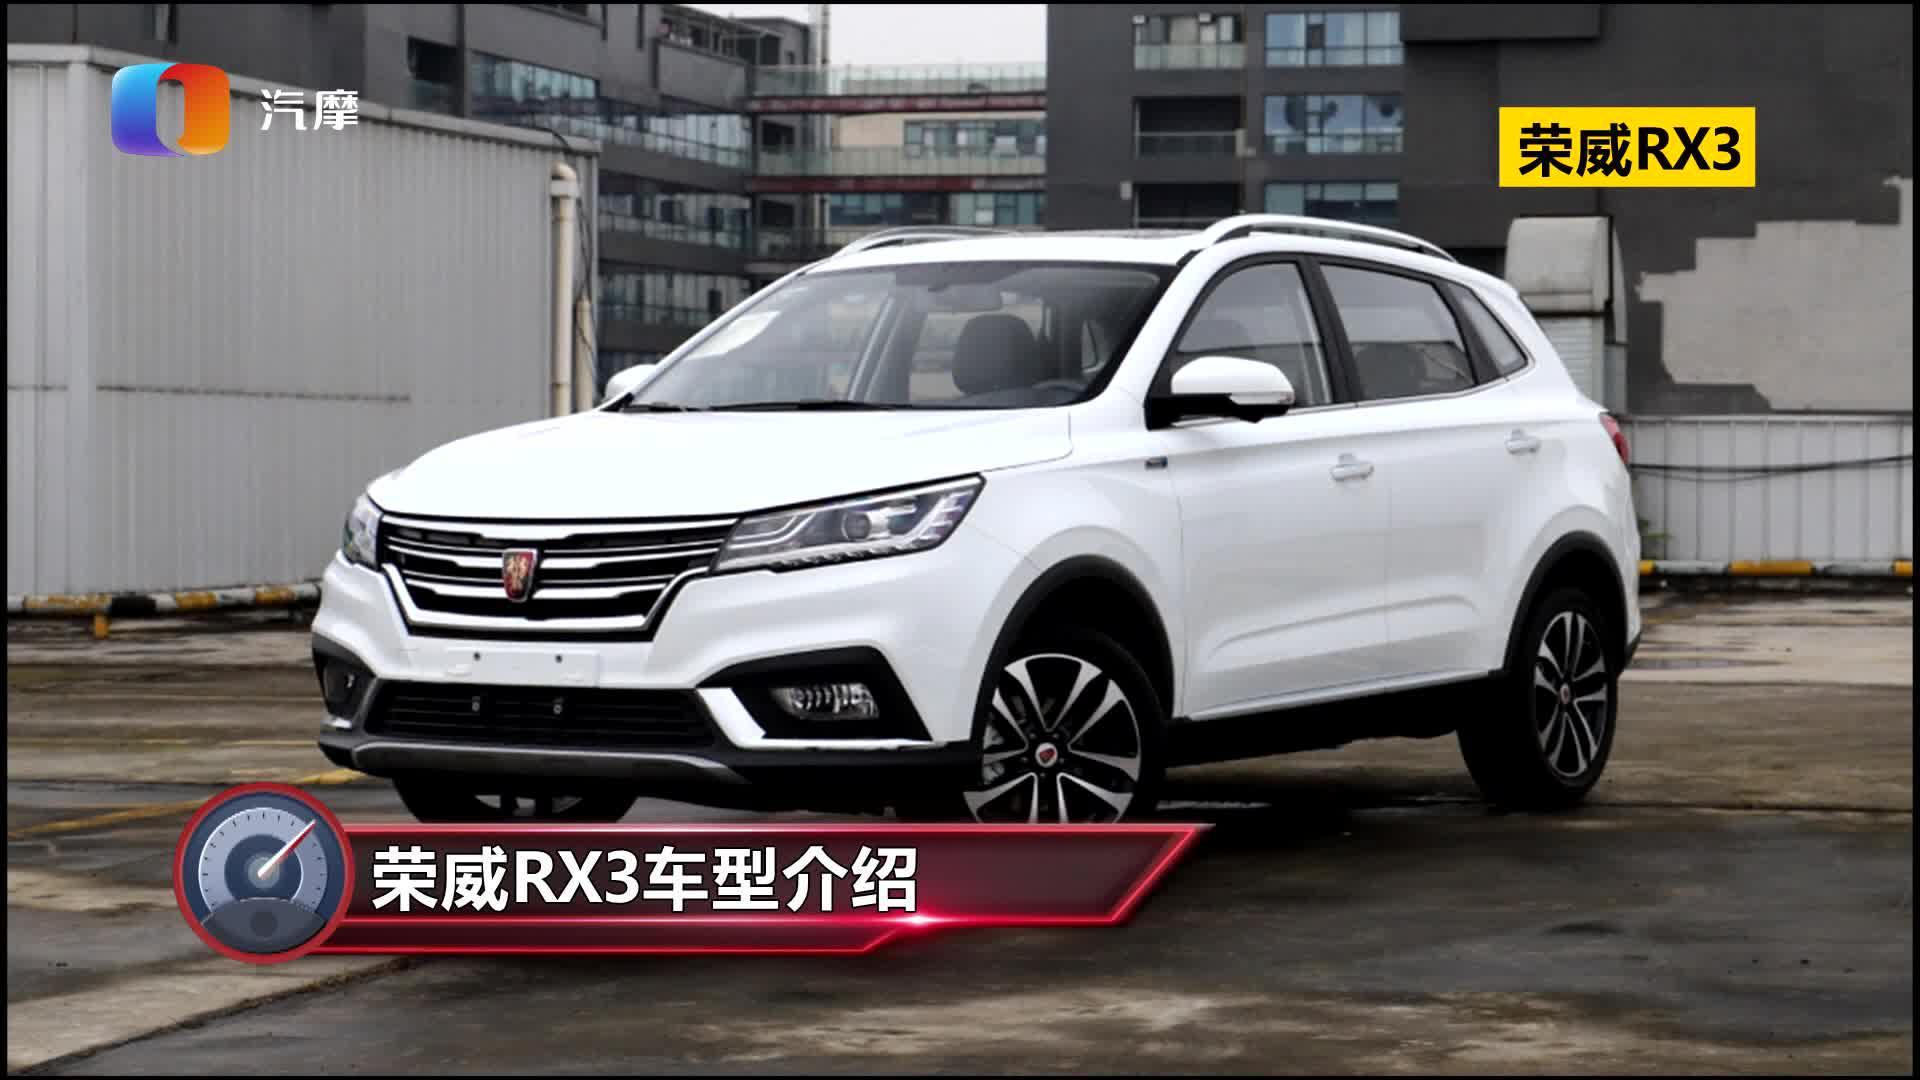 视频:同级别车型中 荣威RX3 1.3T价格会不会偏高?